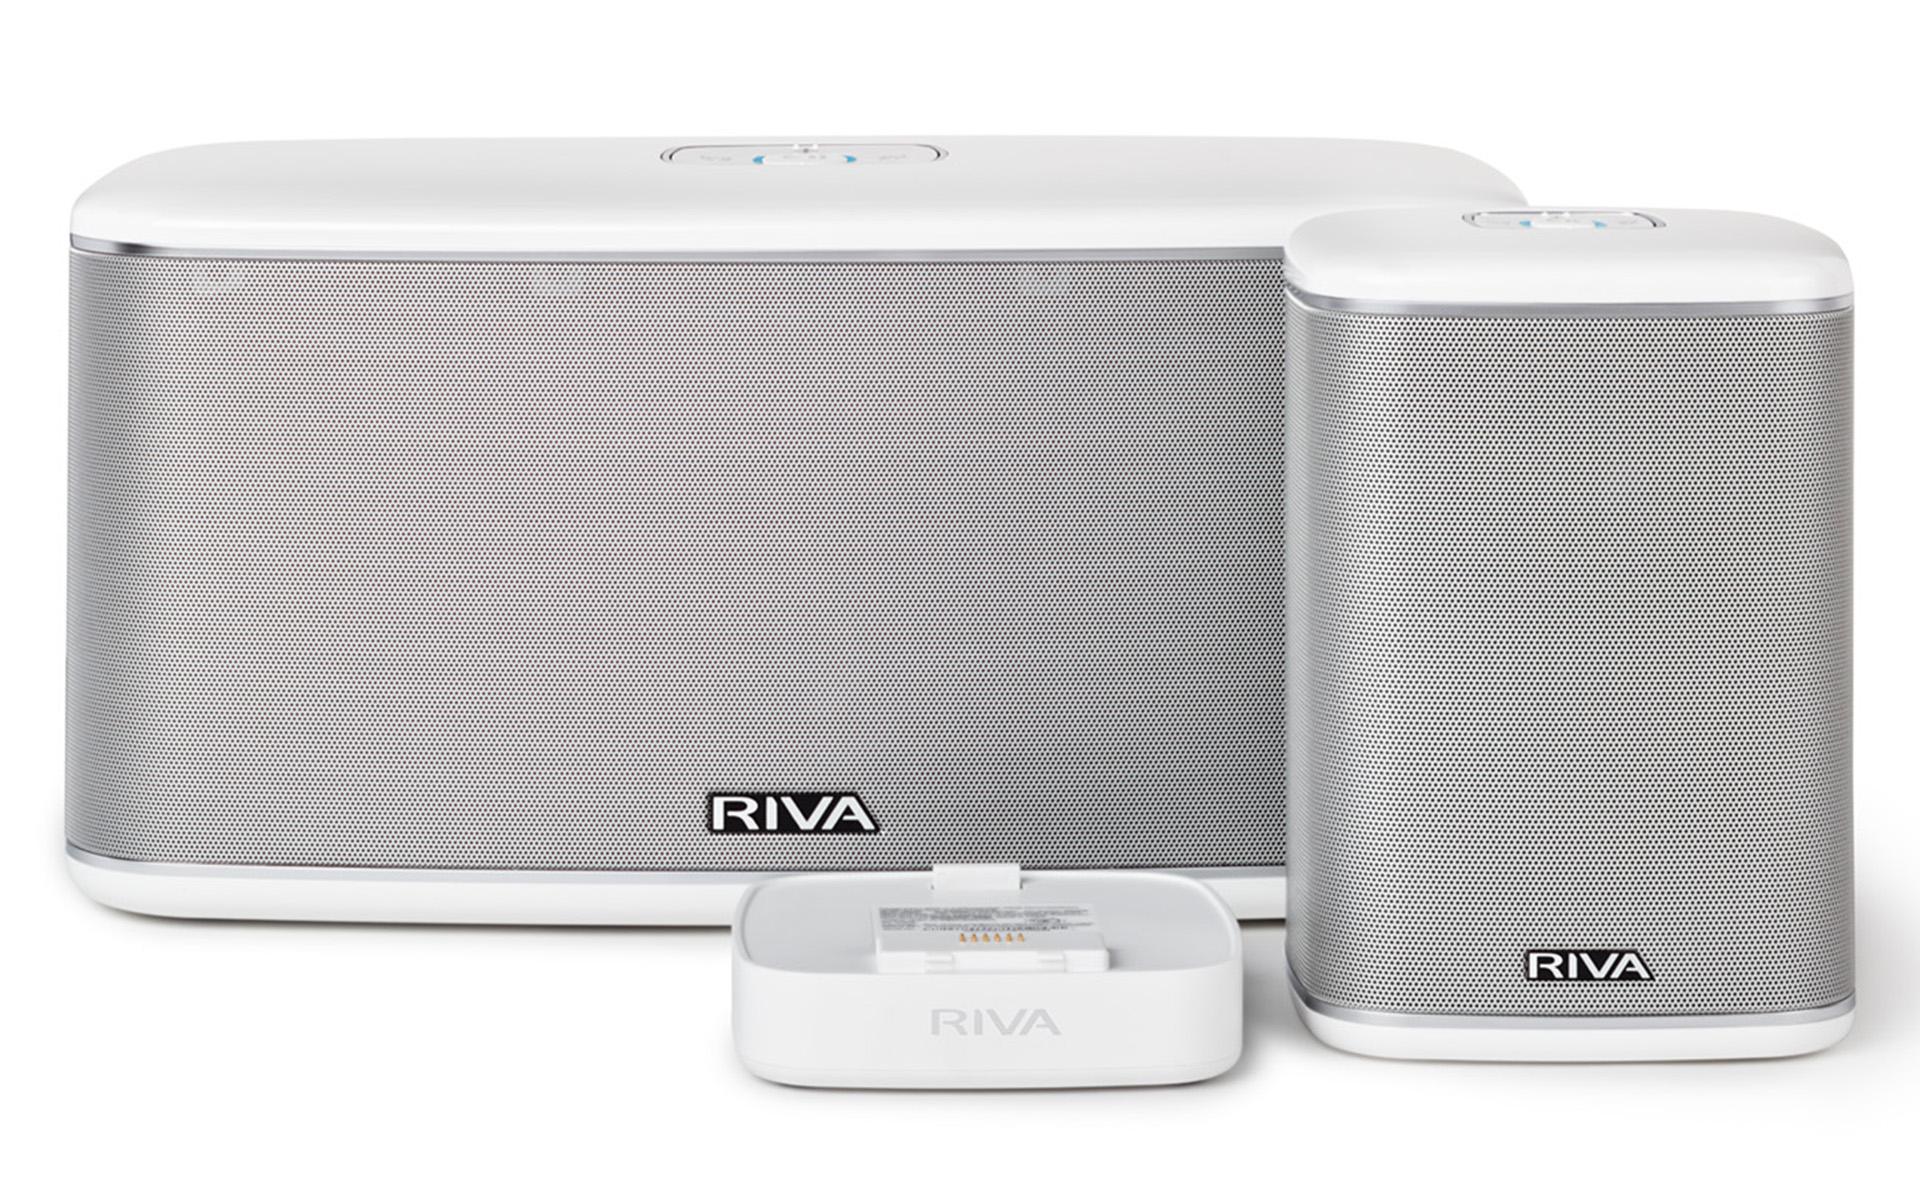 Колонки Riva WAND – компактные, мощные и беспроводные